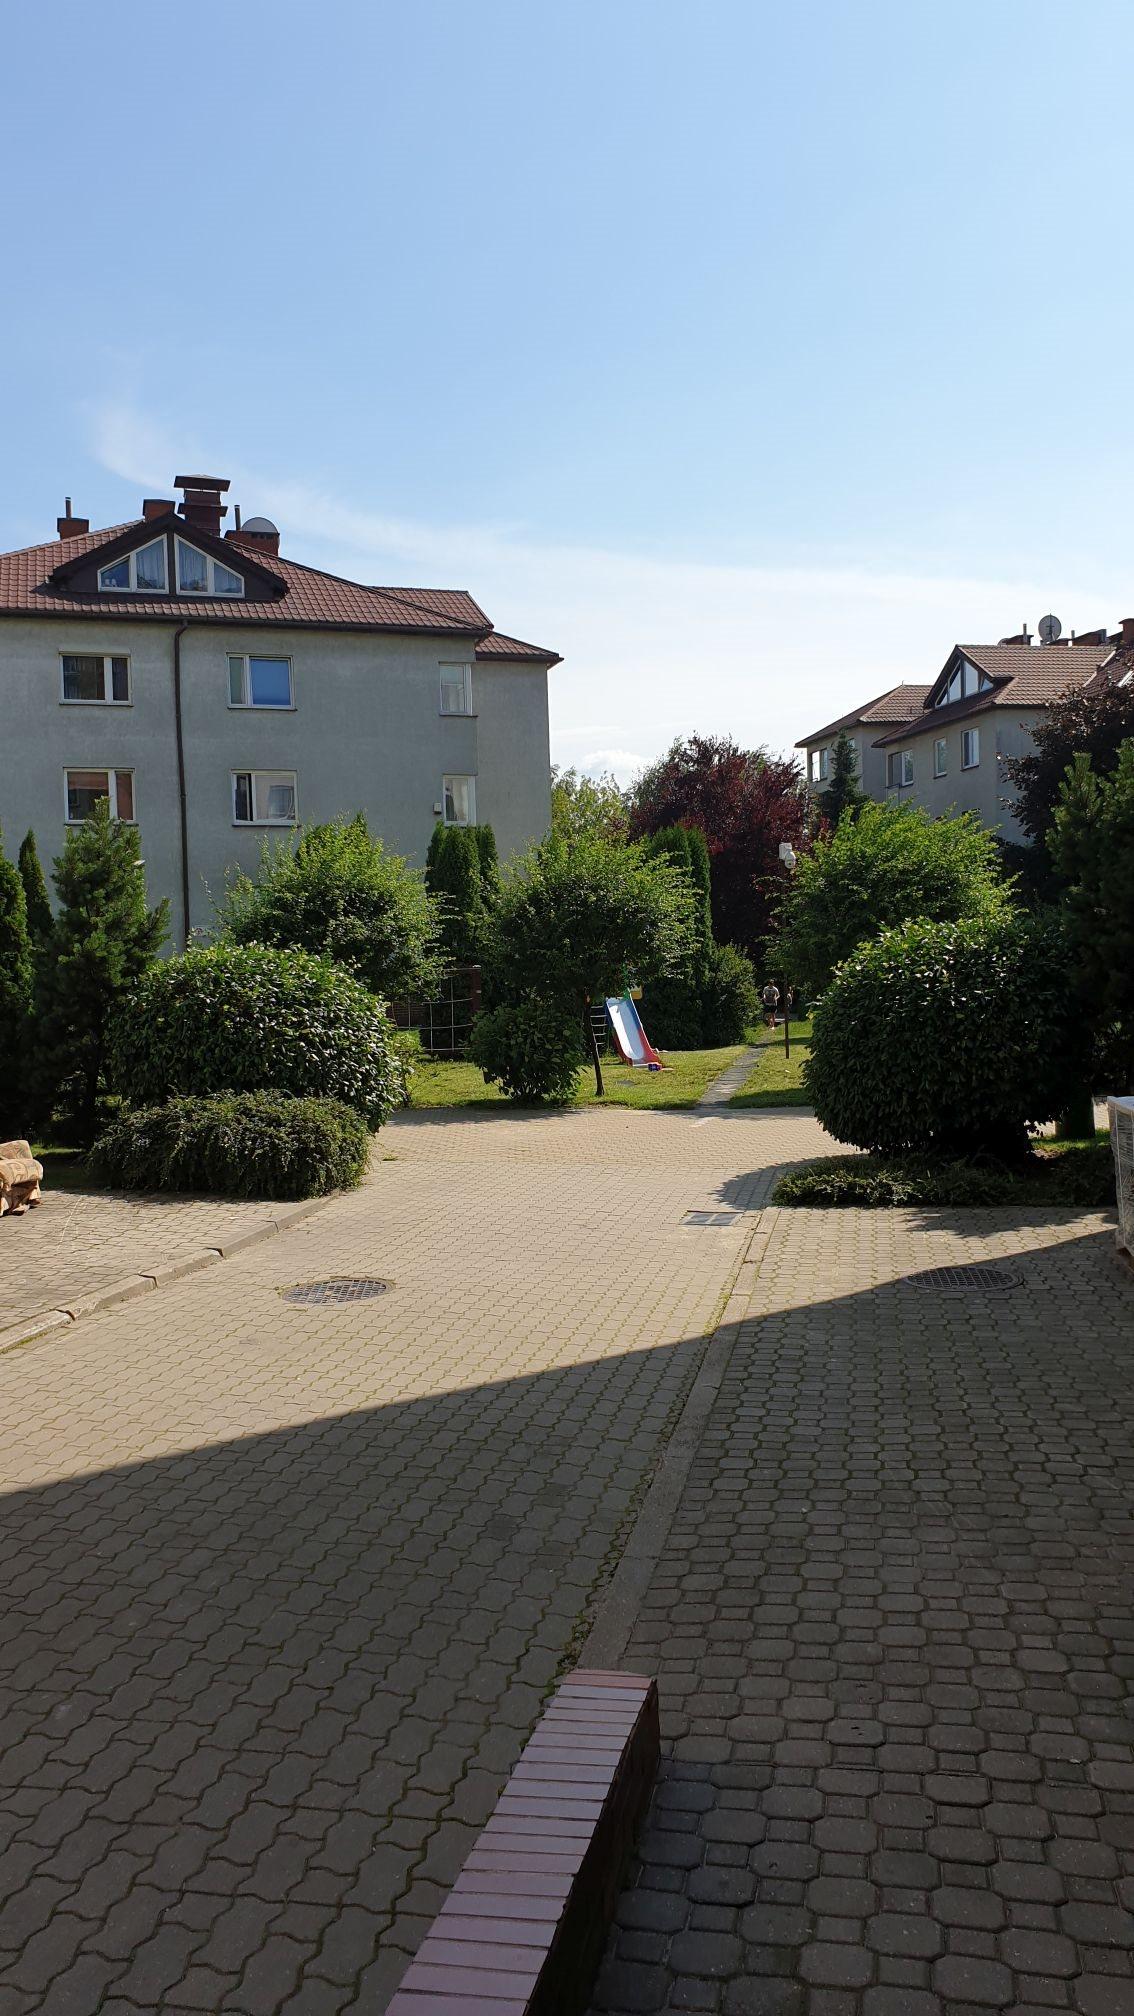 Mieszkanie dwupokojowe na wynajem Warszawa, Ochota, Opaczewska  63m2 Foto 2